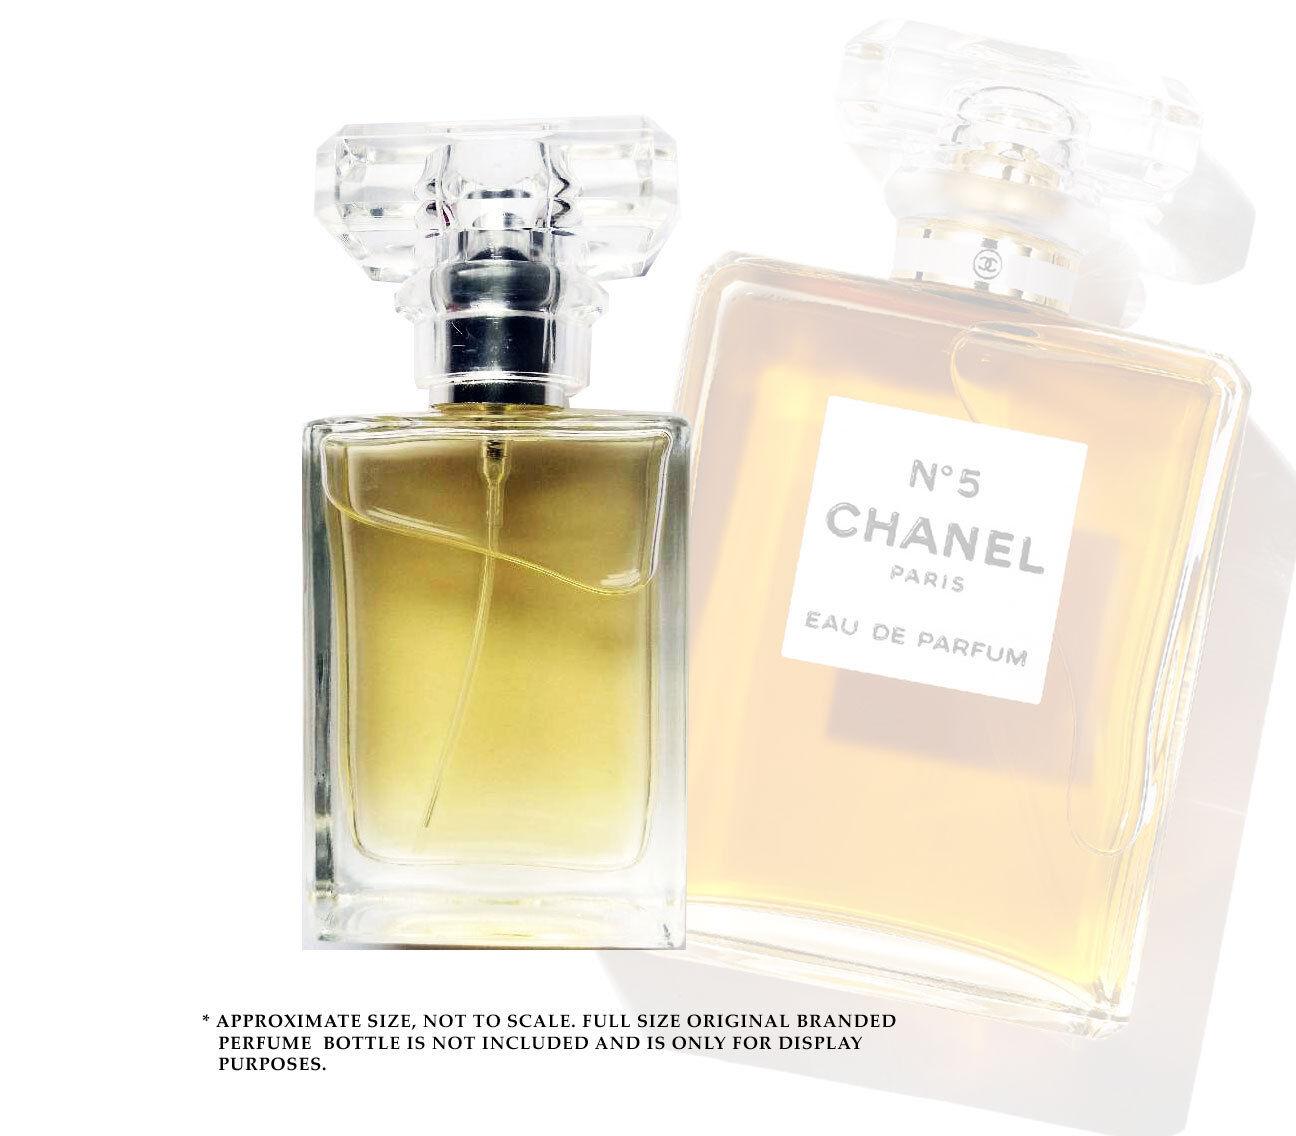 Chanel No 5 Eau Premiere 100ml Ebay Women Edp Stock Photo